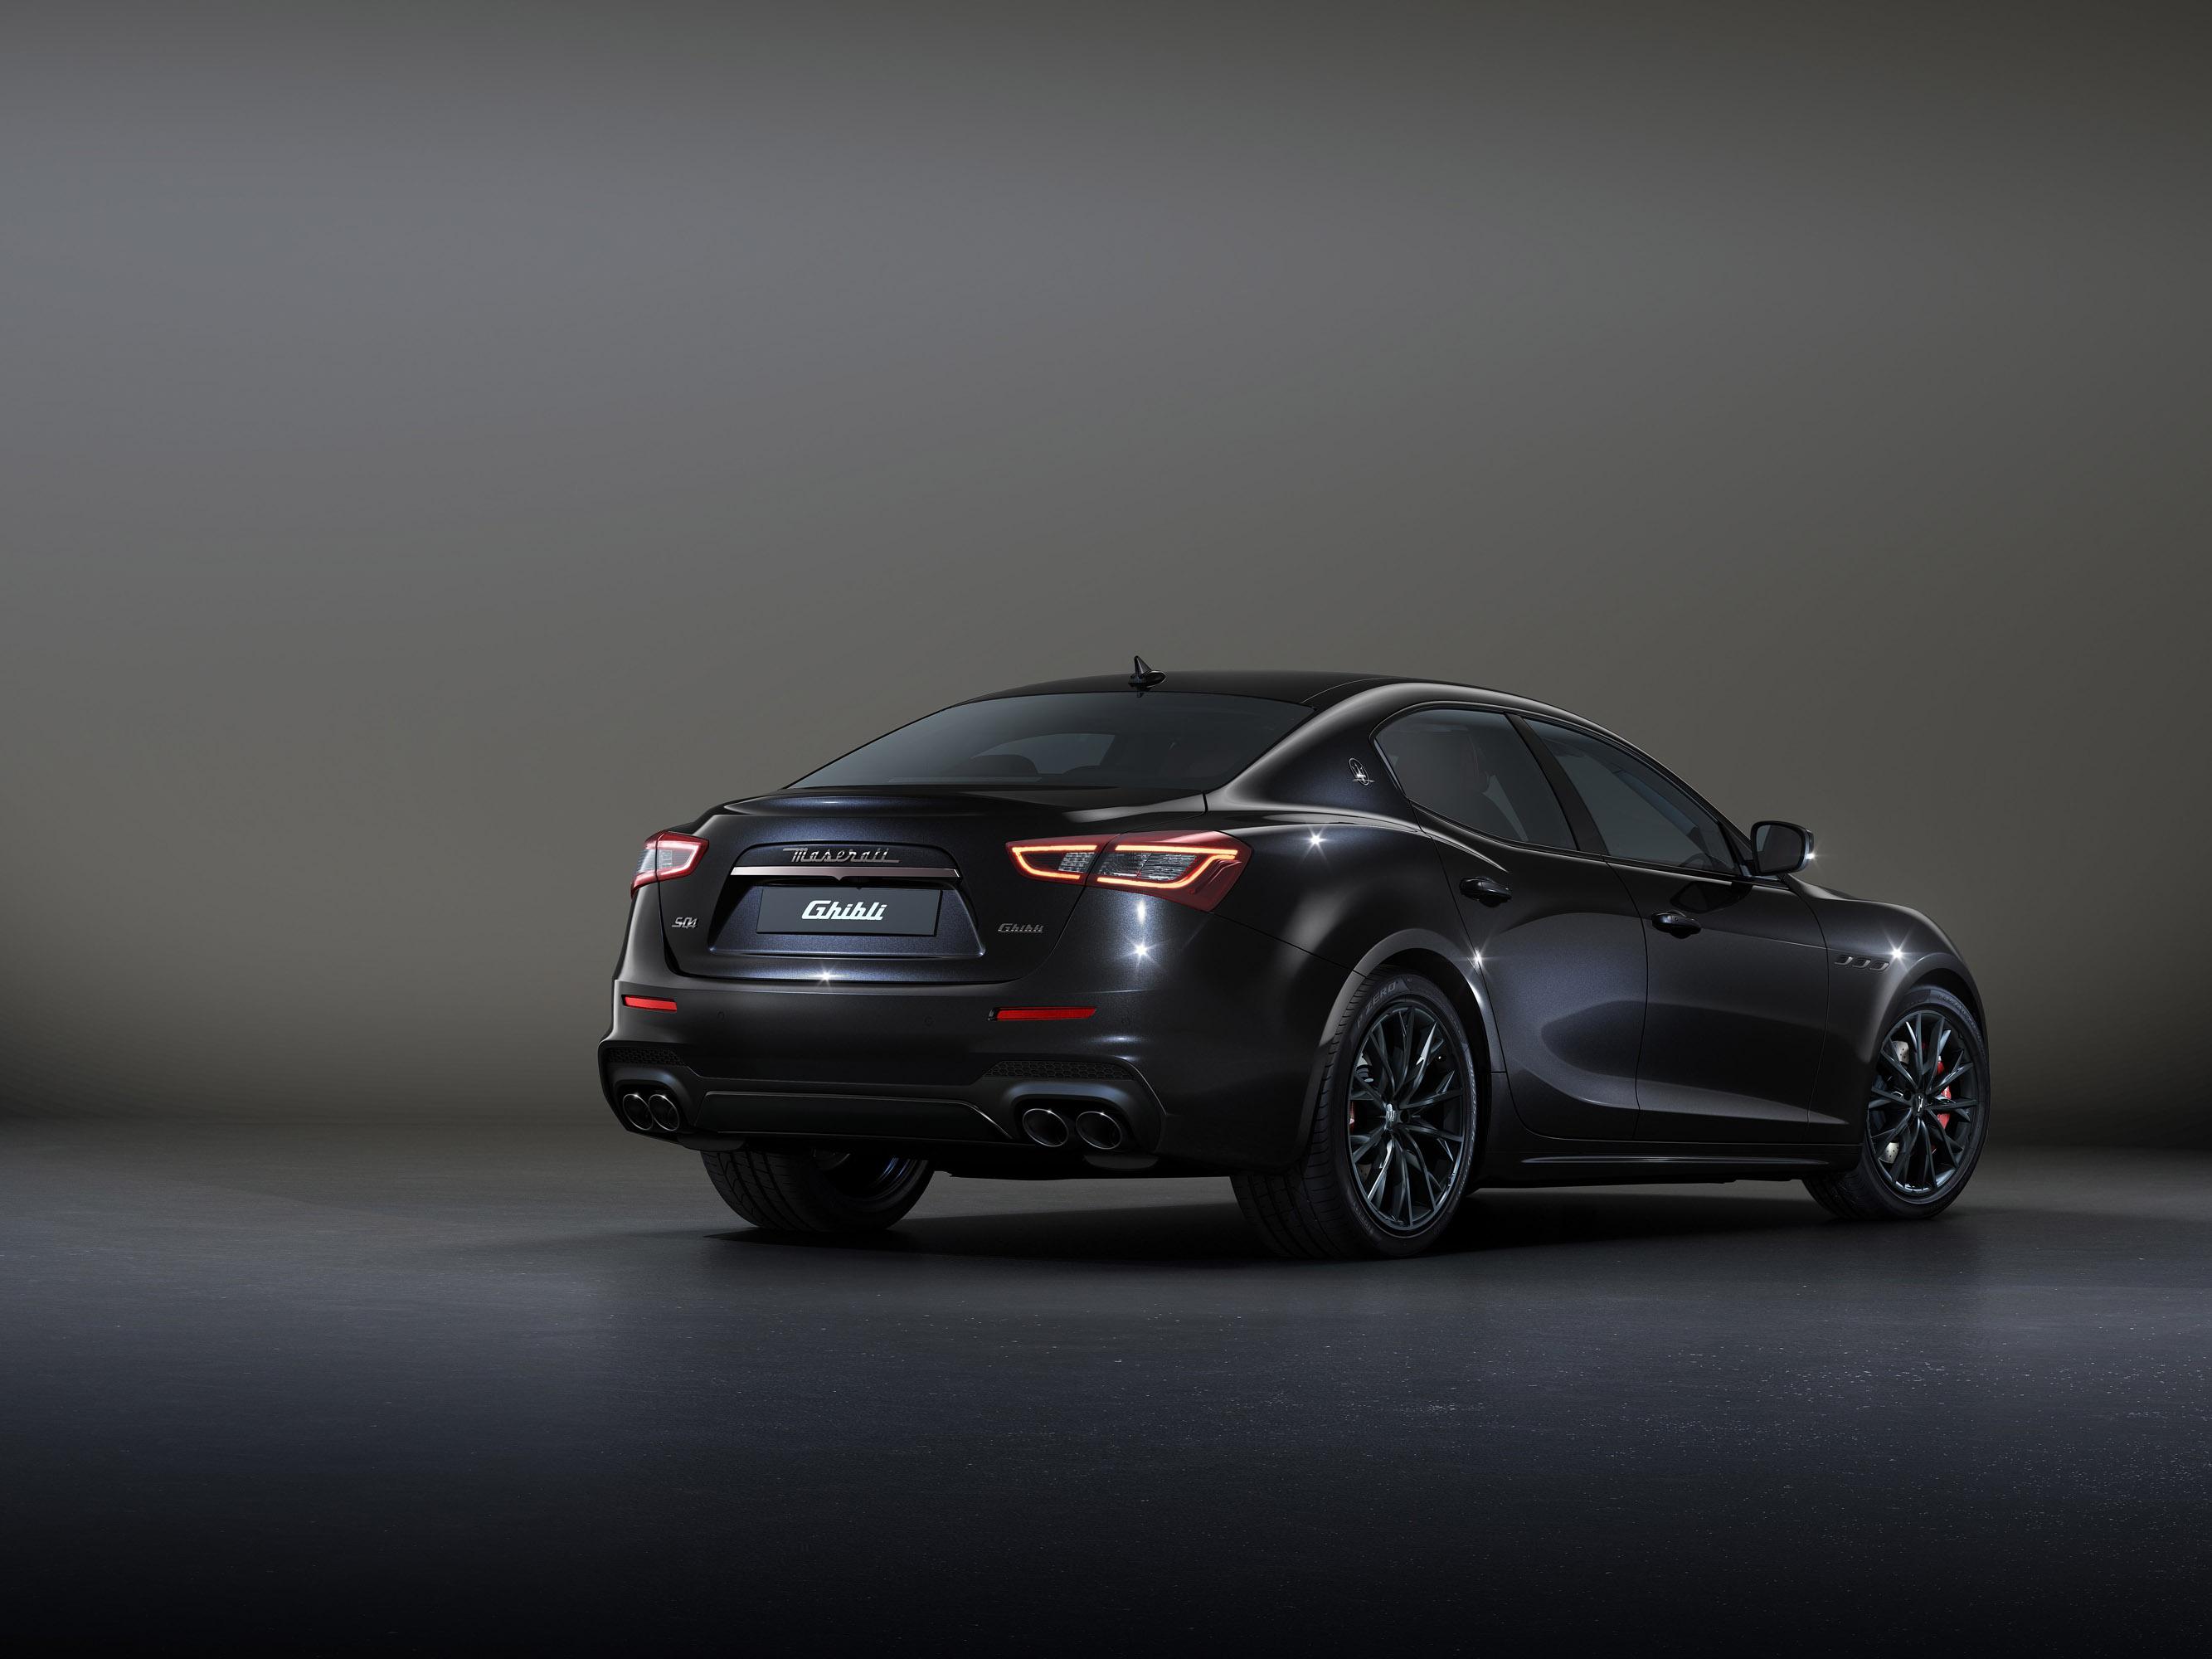 Дополнительные функции Maserati GranSport для модели 2020 года включают в себя стандартные двери с мягким закрыванием и рулевое колесо с подогревом, а также многочисленные вспомогательные технологии для водителя с предупреждением о столкновении в пря